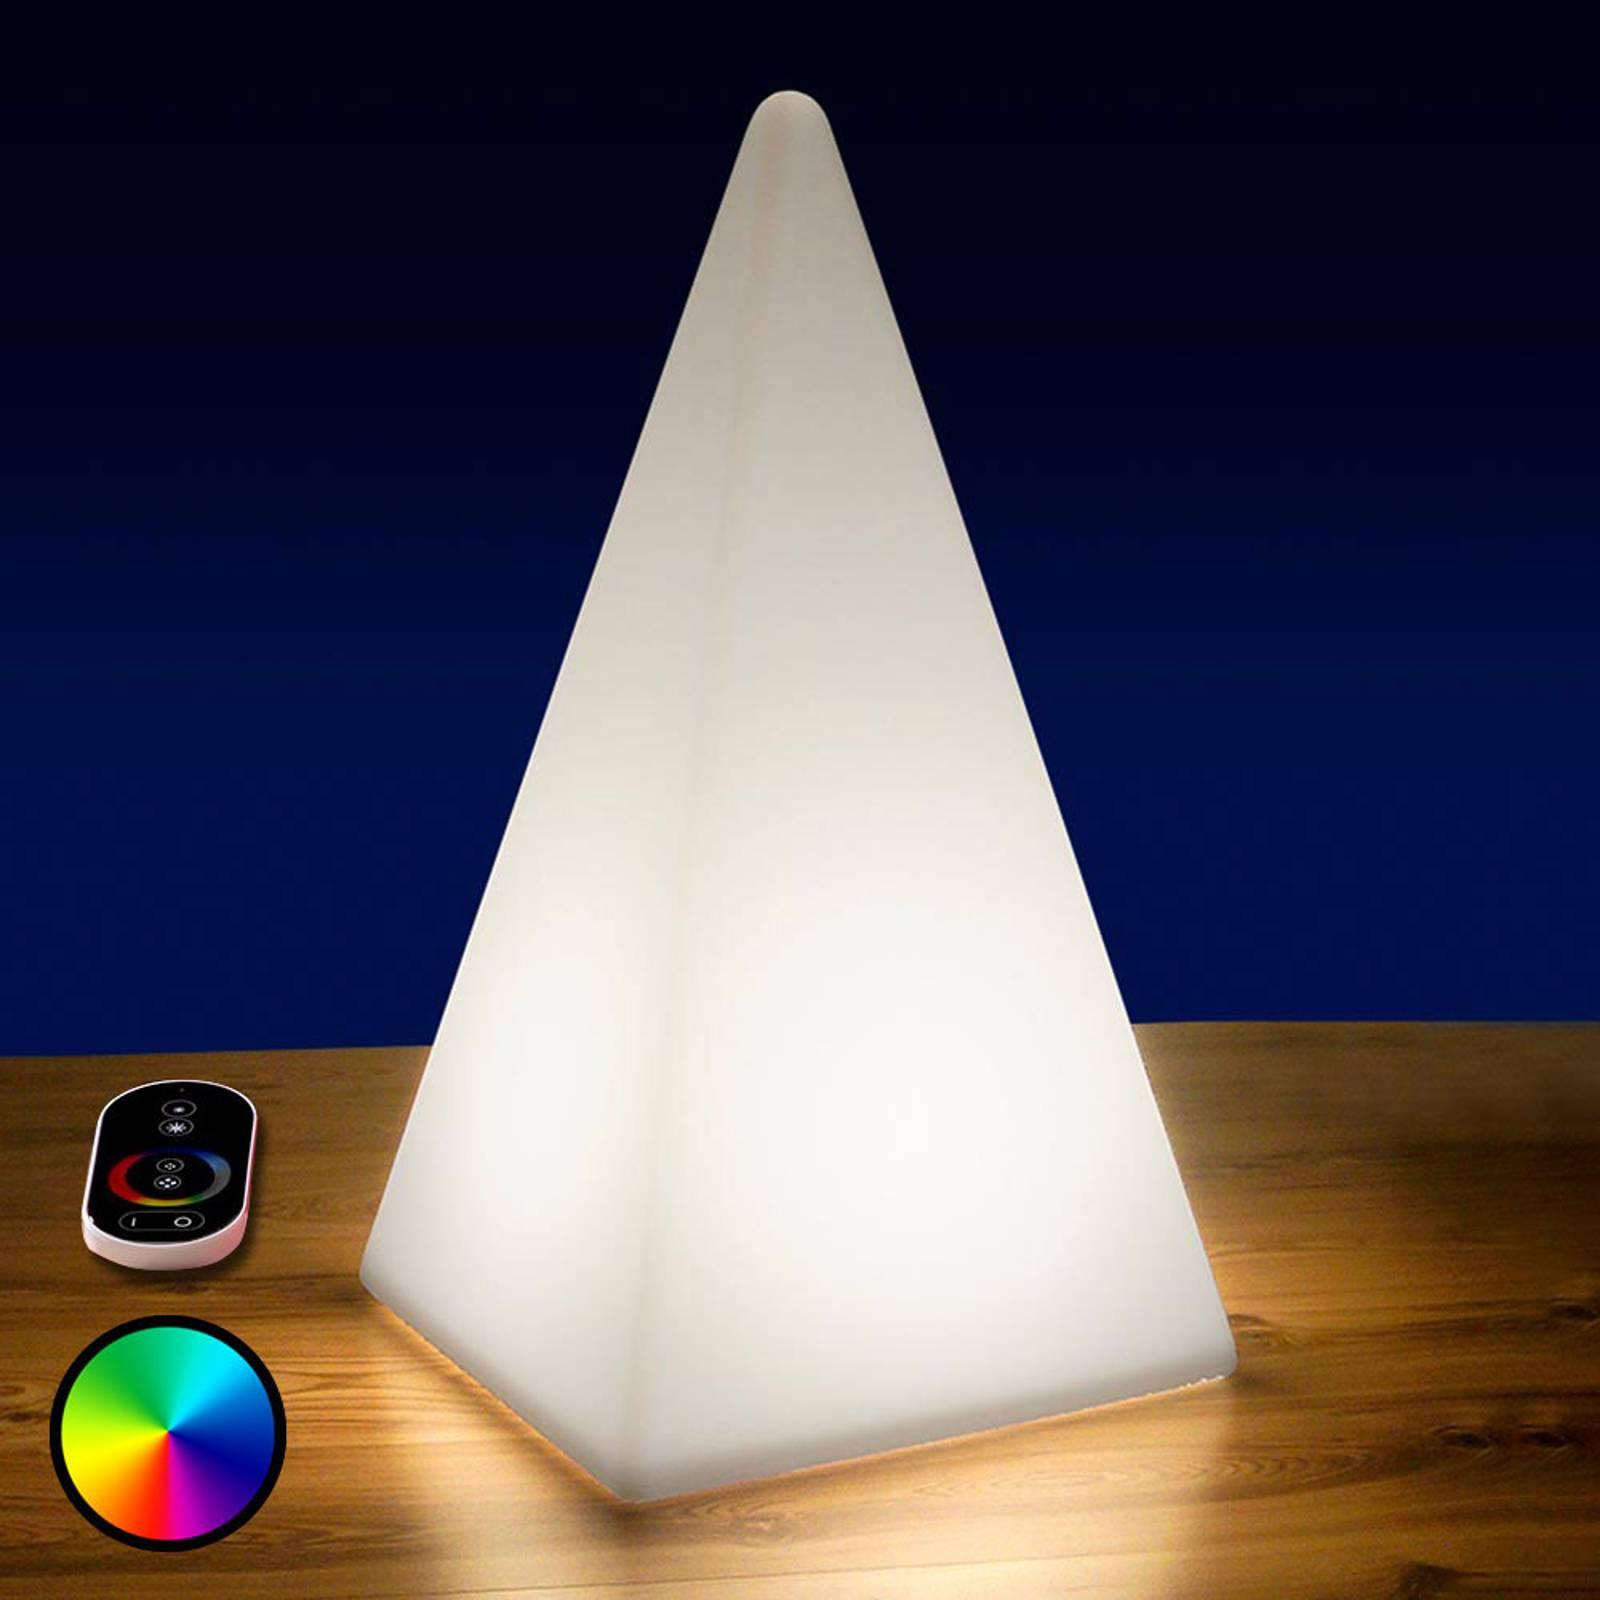 Akkukäyttöinen RGB-LED-pyramidi, 73 cm